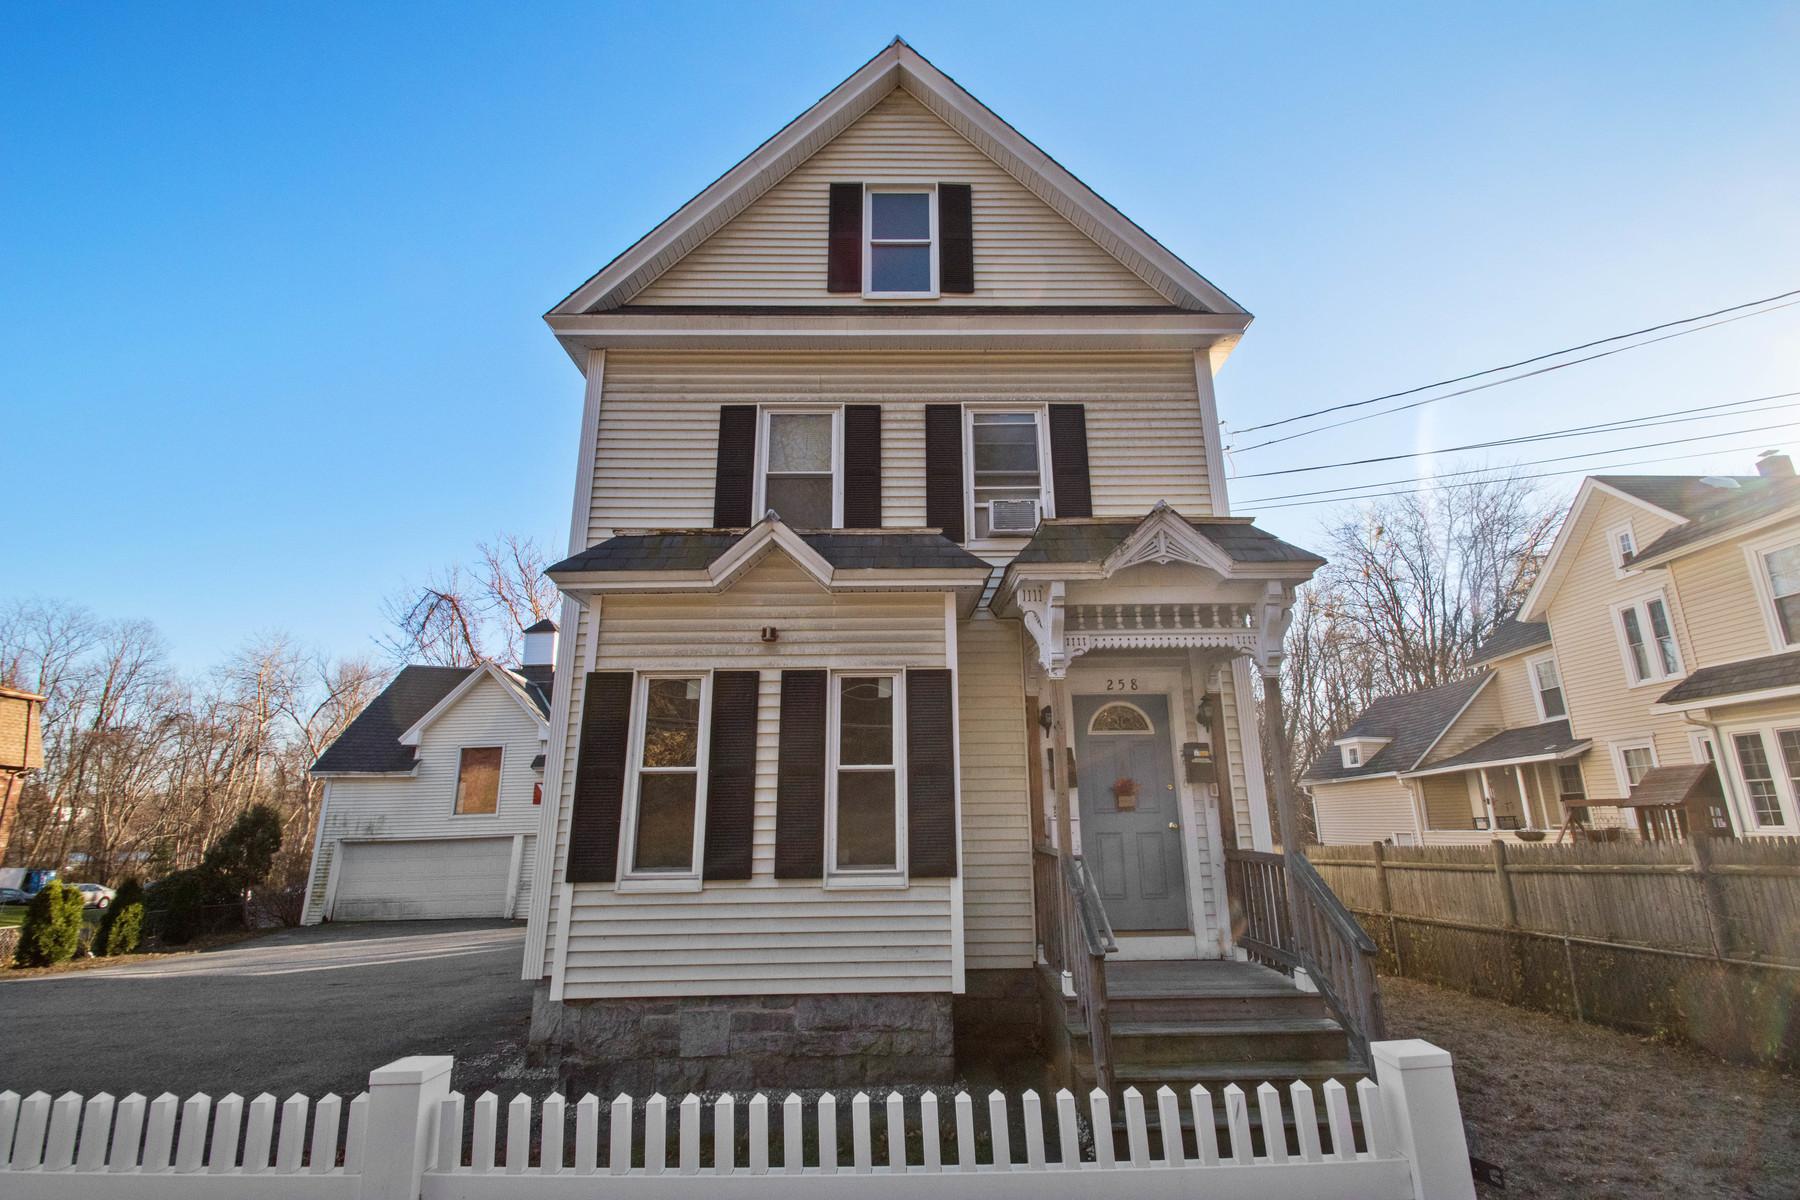 獨棟家庭住宅 為 出售 在 Large Colonial Home 258-258R Varnum Ave. Lowell, 麻塞諸塞州, 01854 美國